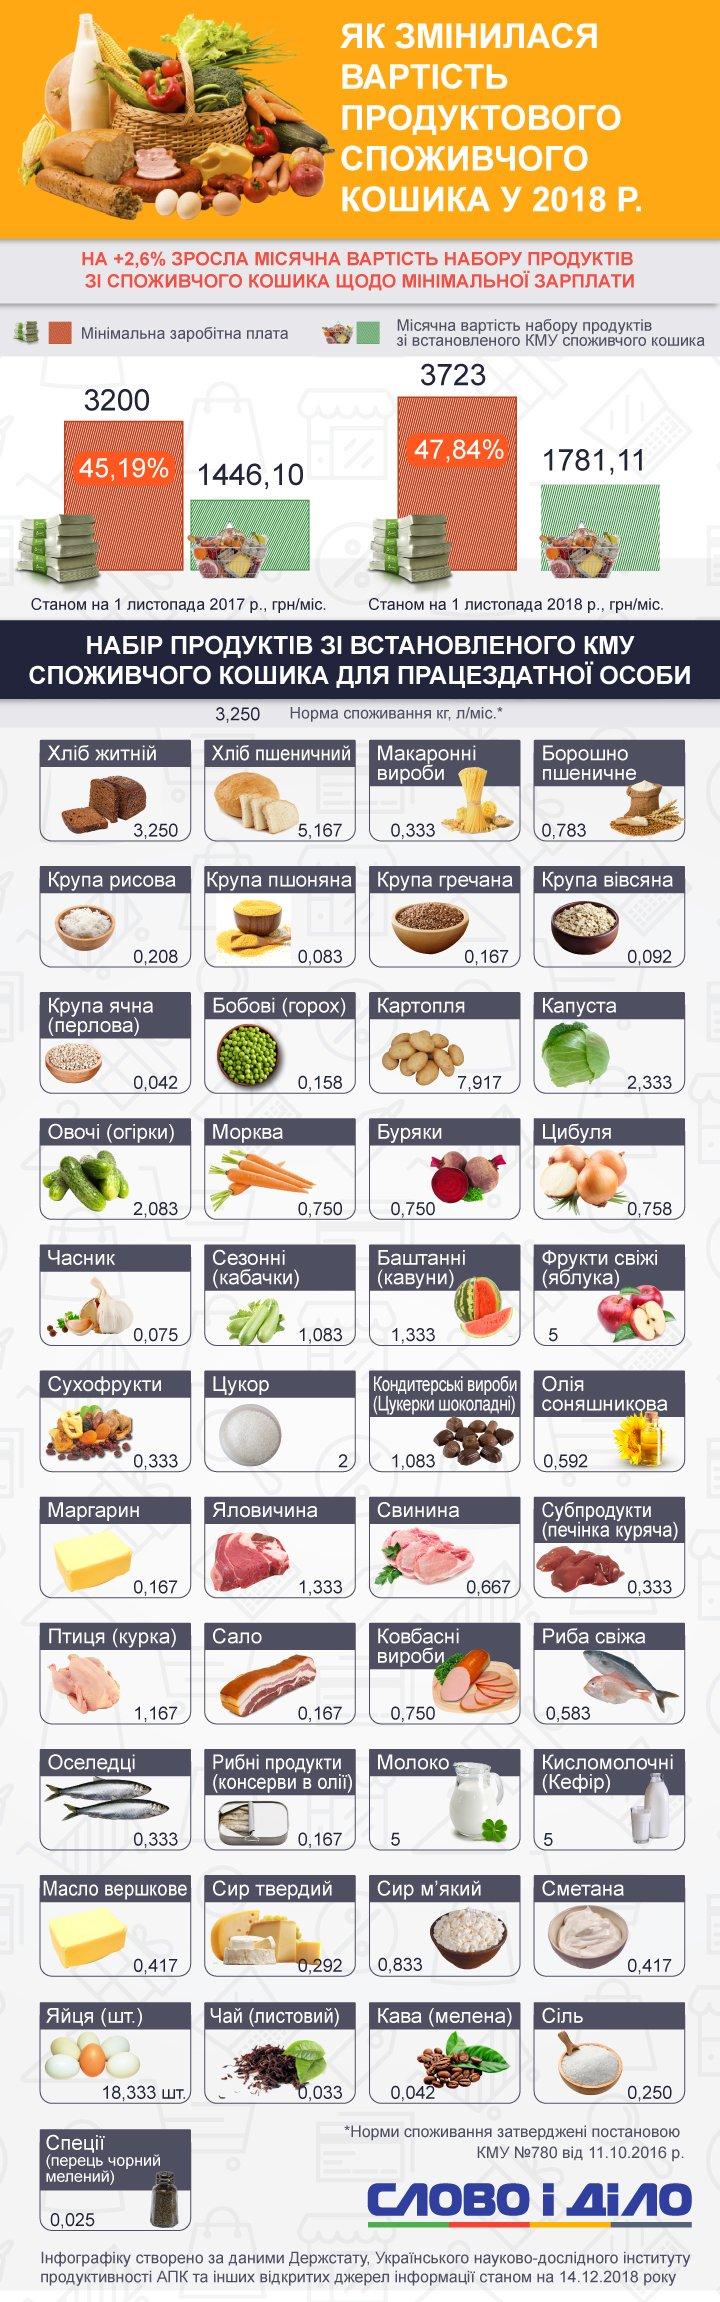 Продукты из потребительской корзины украинцам в этом году обходятся в 1,8 тысячи гривен. Это почти половина минимальной зарплаты.